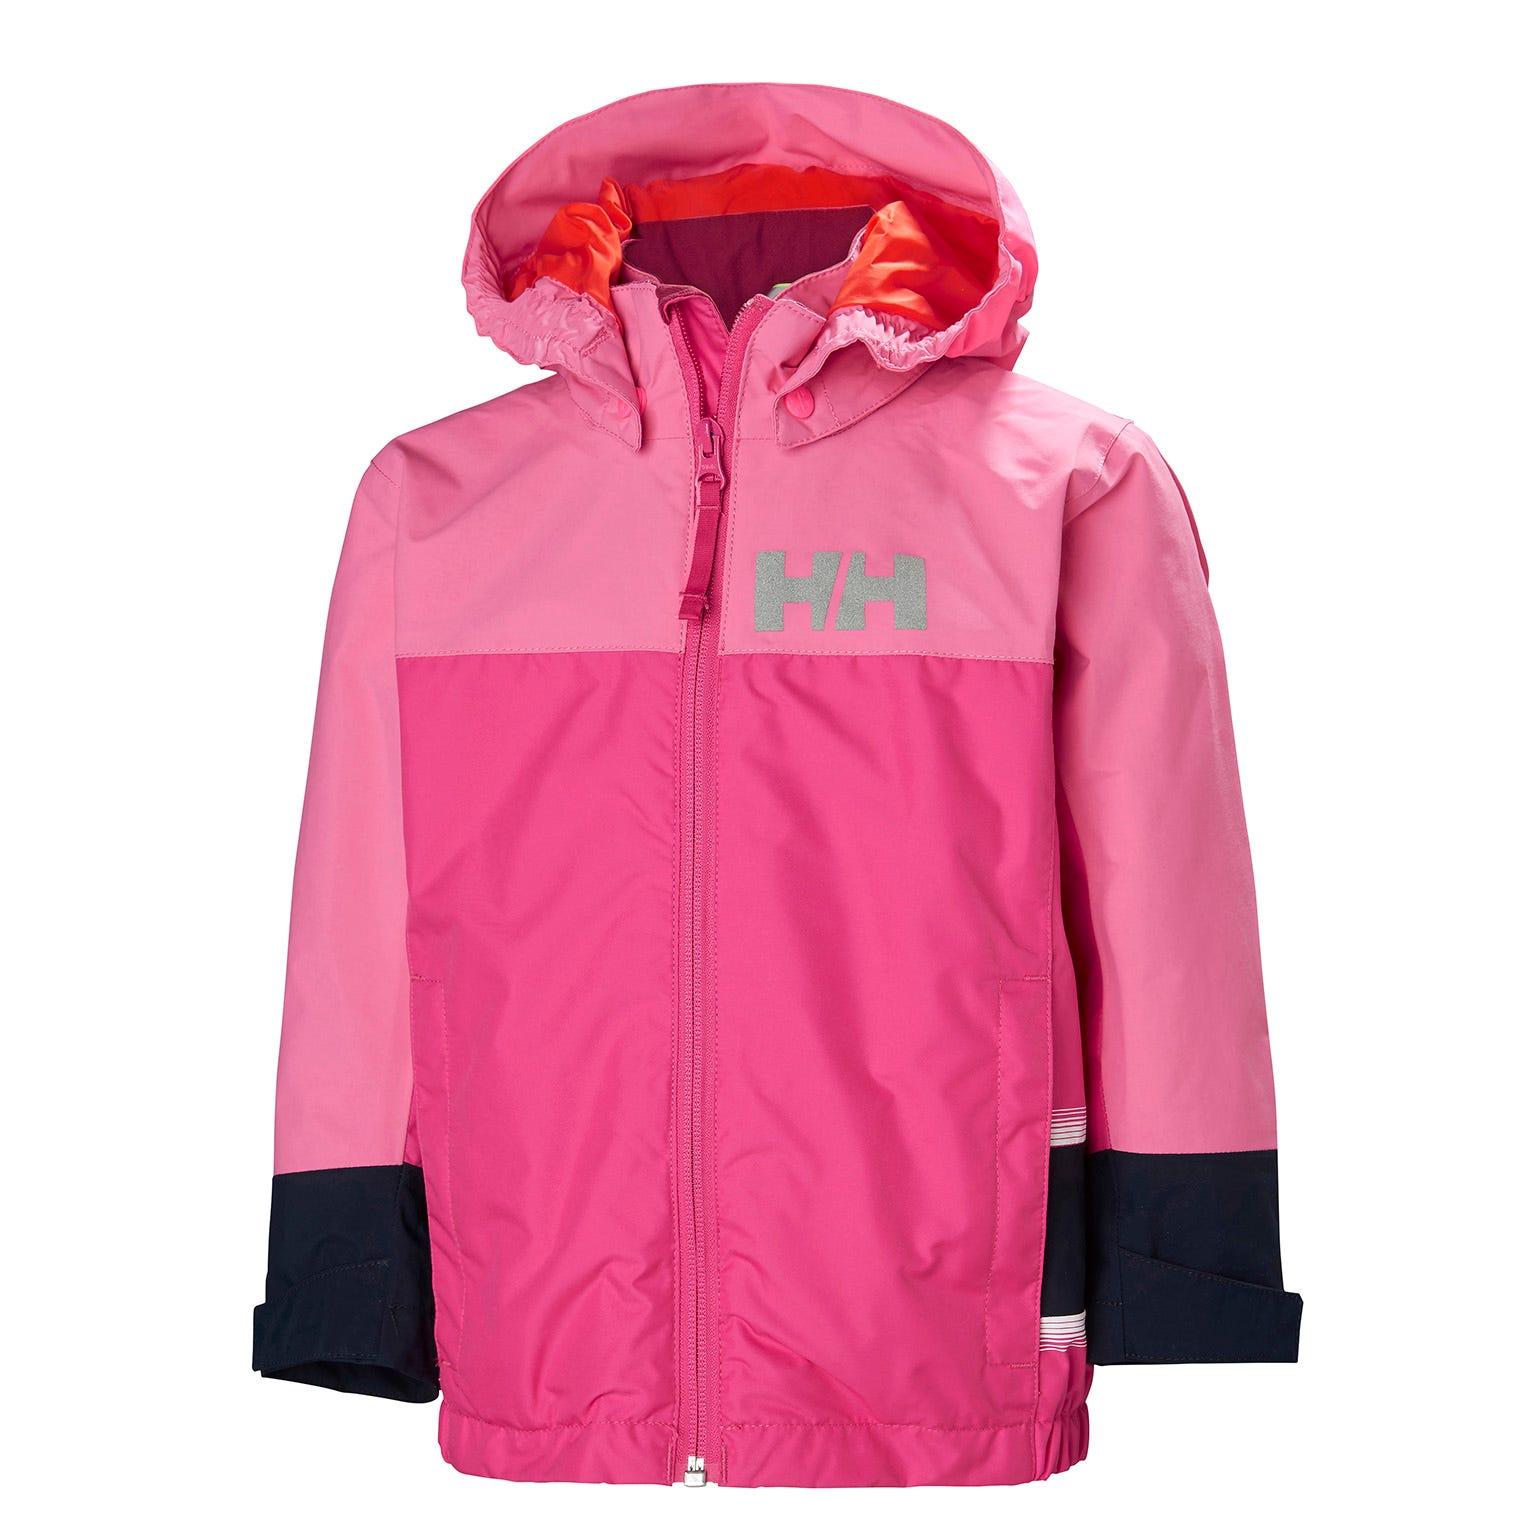 Helly Hansen Kids Norse Jacket Pink 128/8